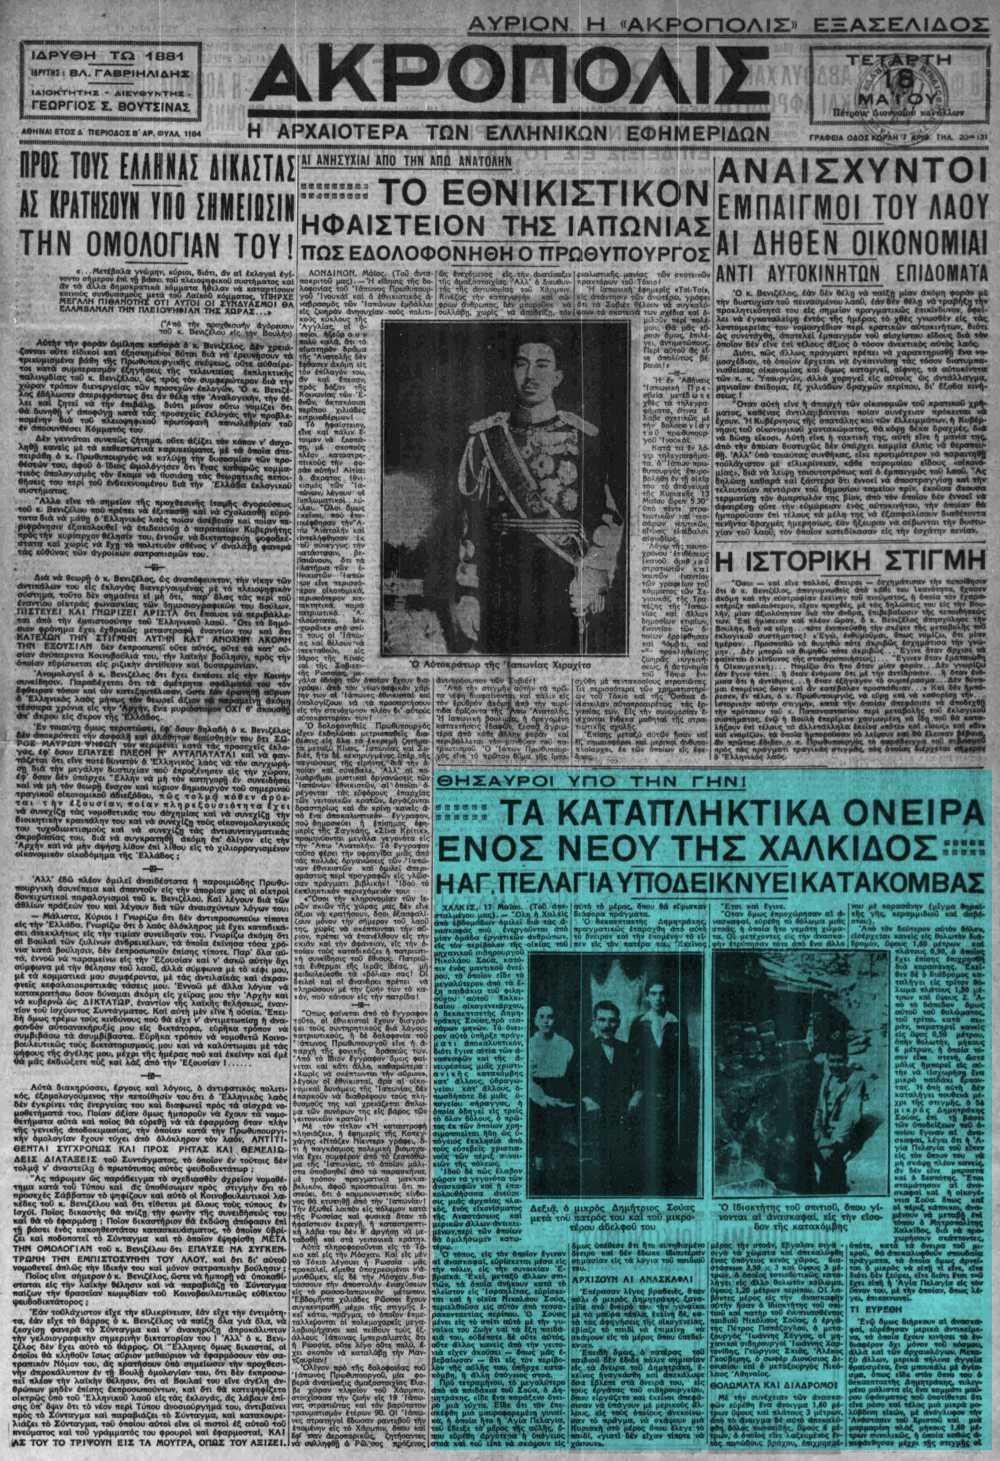 """Το άρθρο, όπως δημοσιεύθηκε στην εφημερίδα """"ΑΚΡΟΠΟΛΙΣ"""", στις 18/05/1932"""